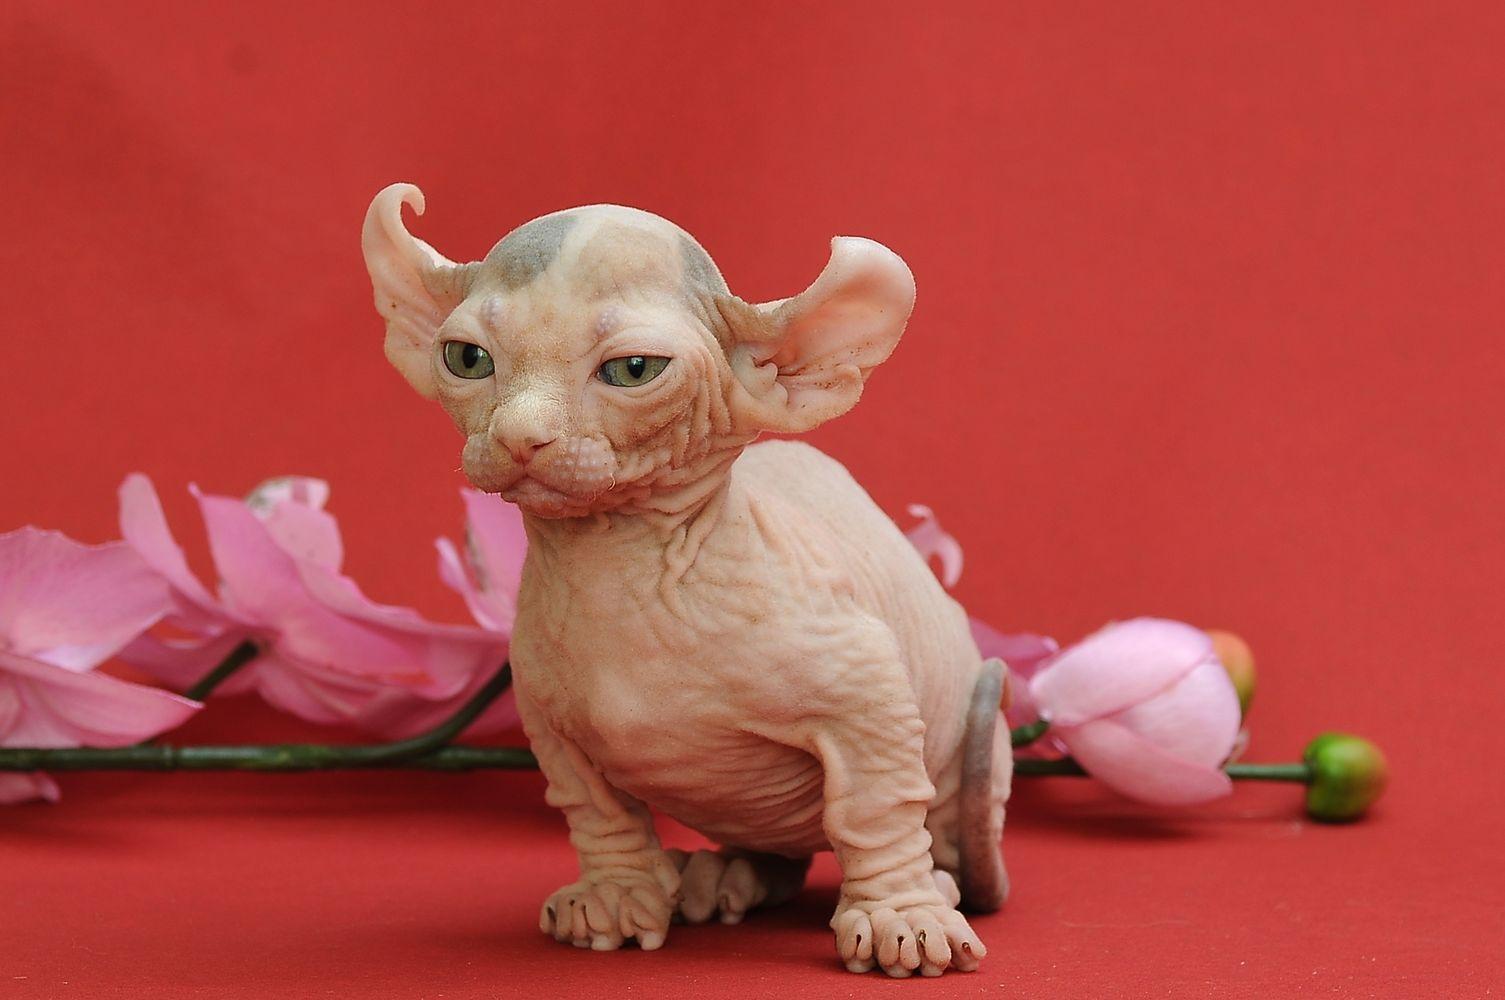 Dwelf Kitten: Dwelf Kotyata Breed